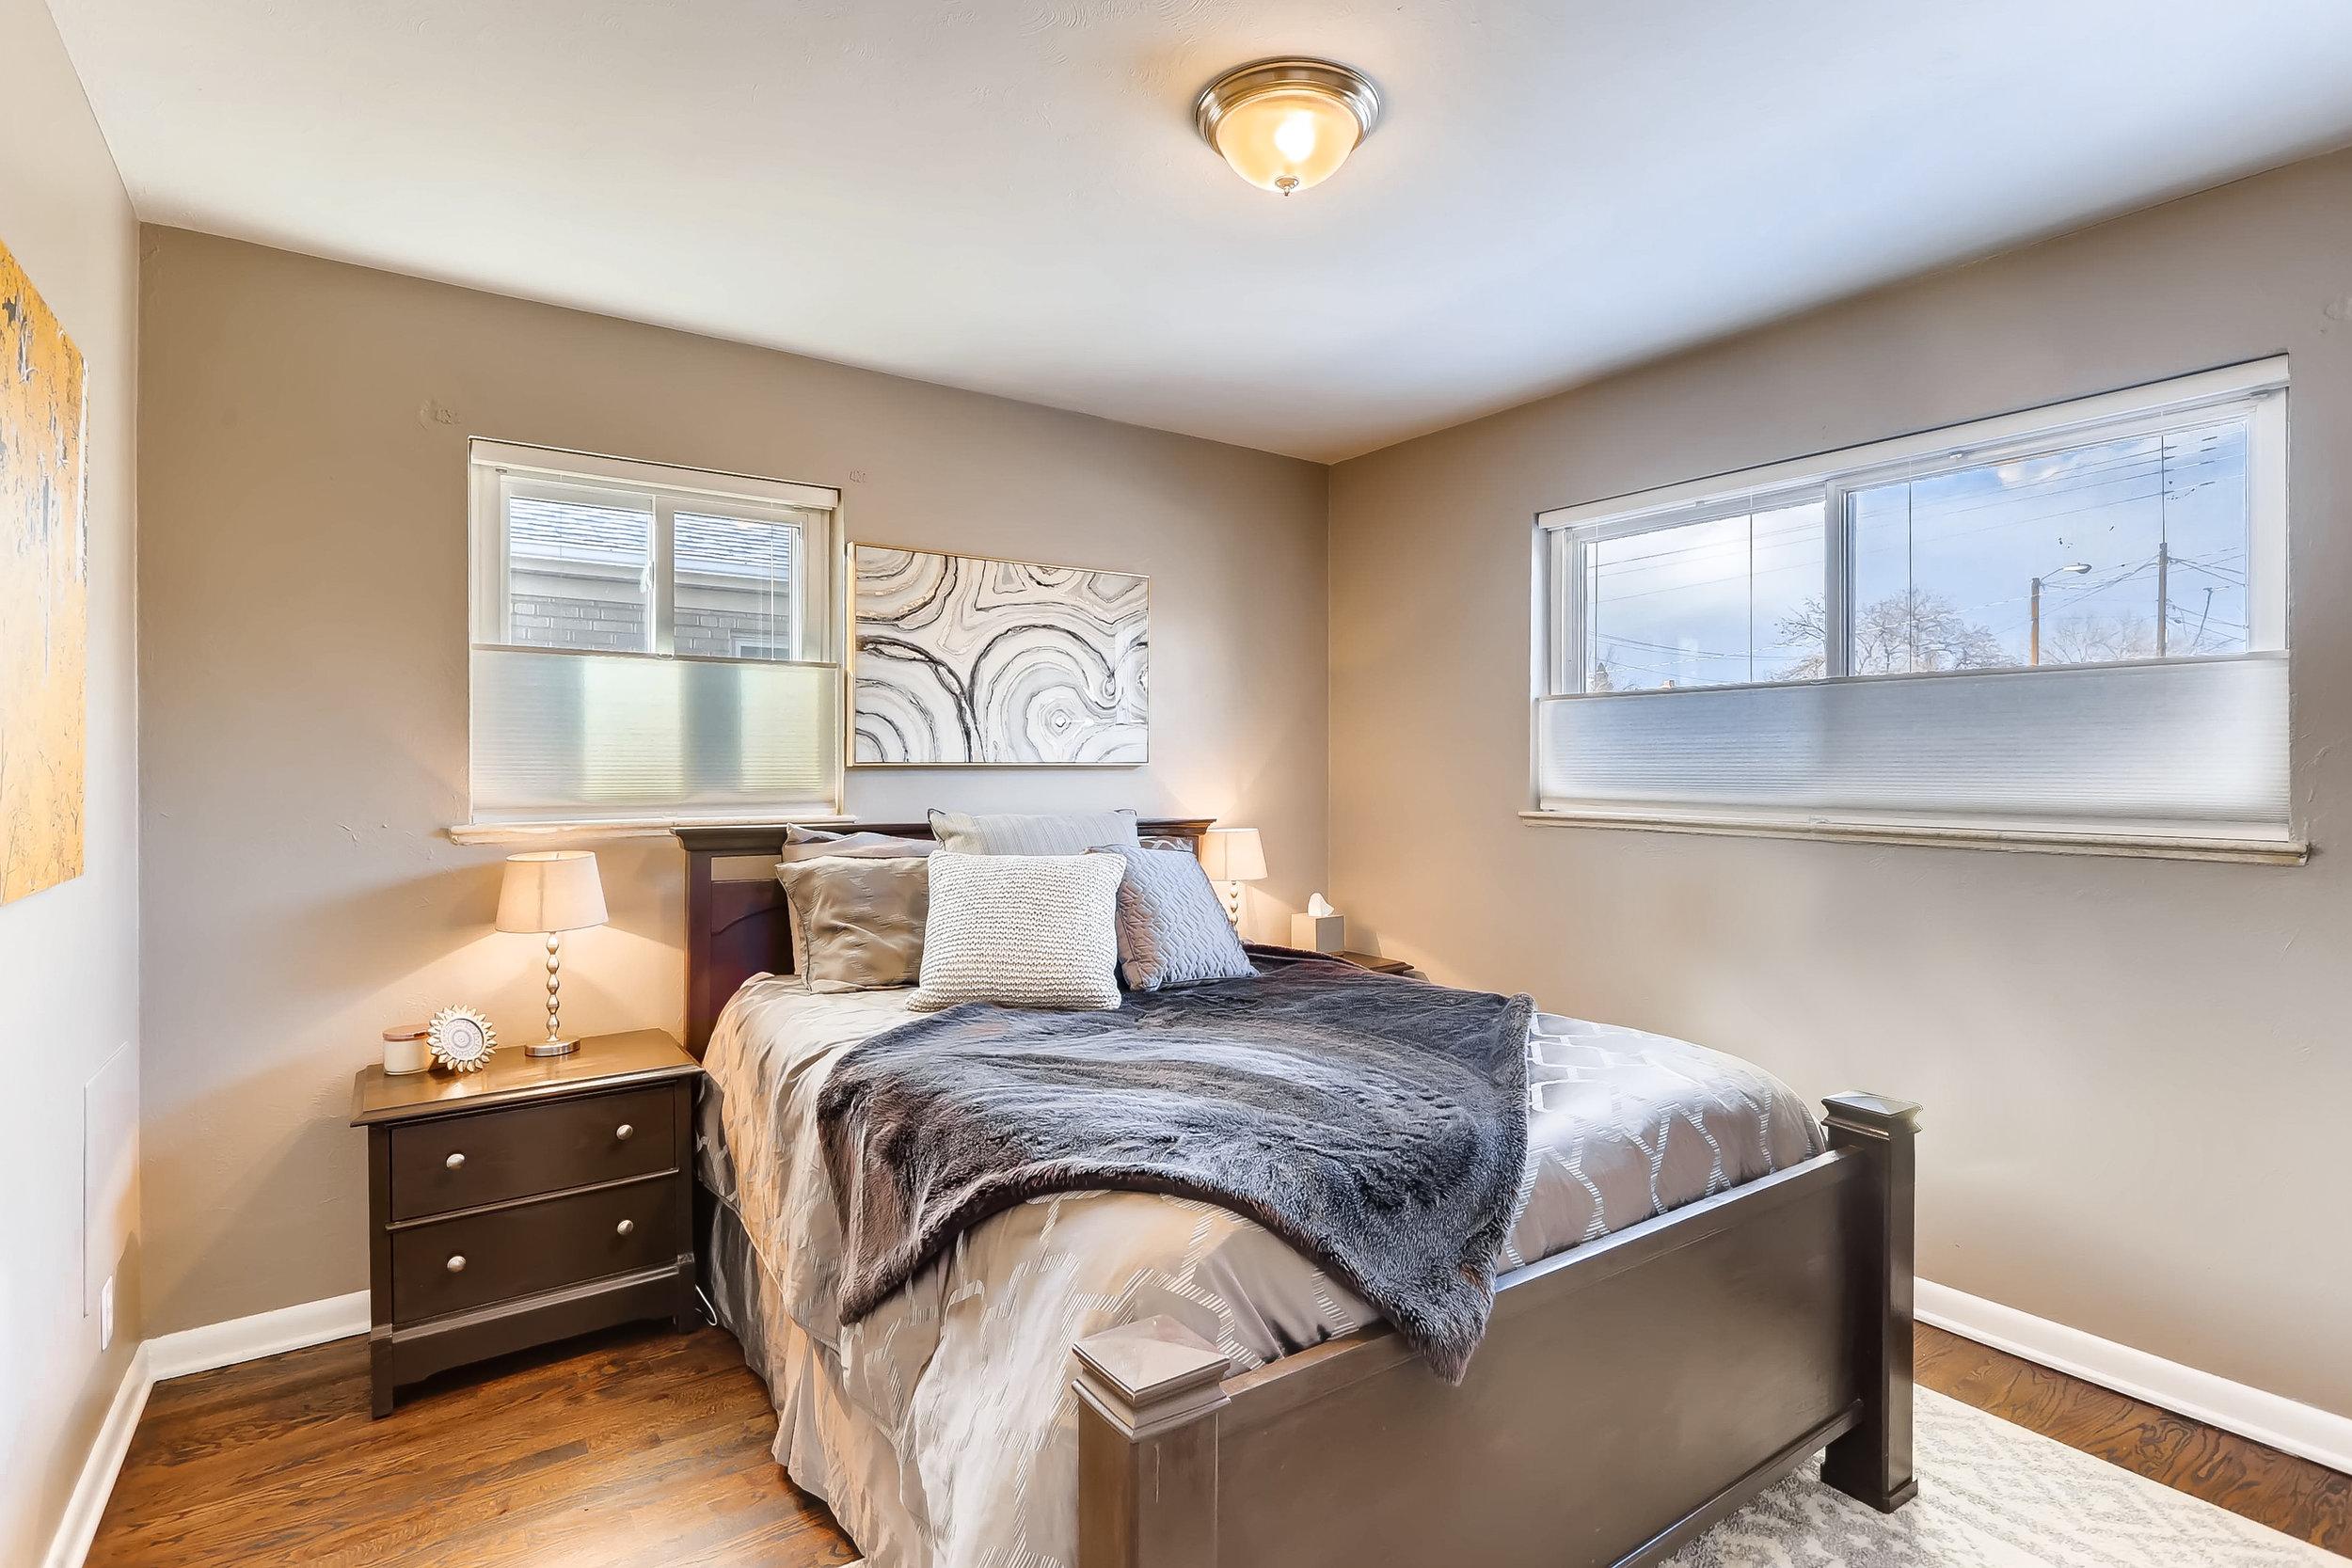 7330 E 12th St Denver CO 80220-print-014-16-Master Bedroom-3600x2400-300dpi.jpg